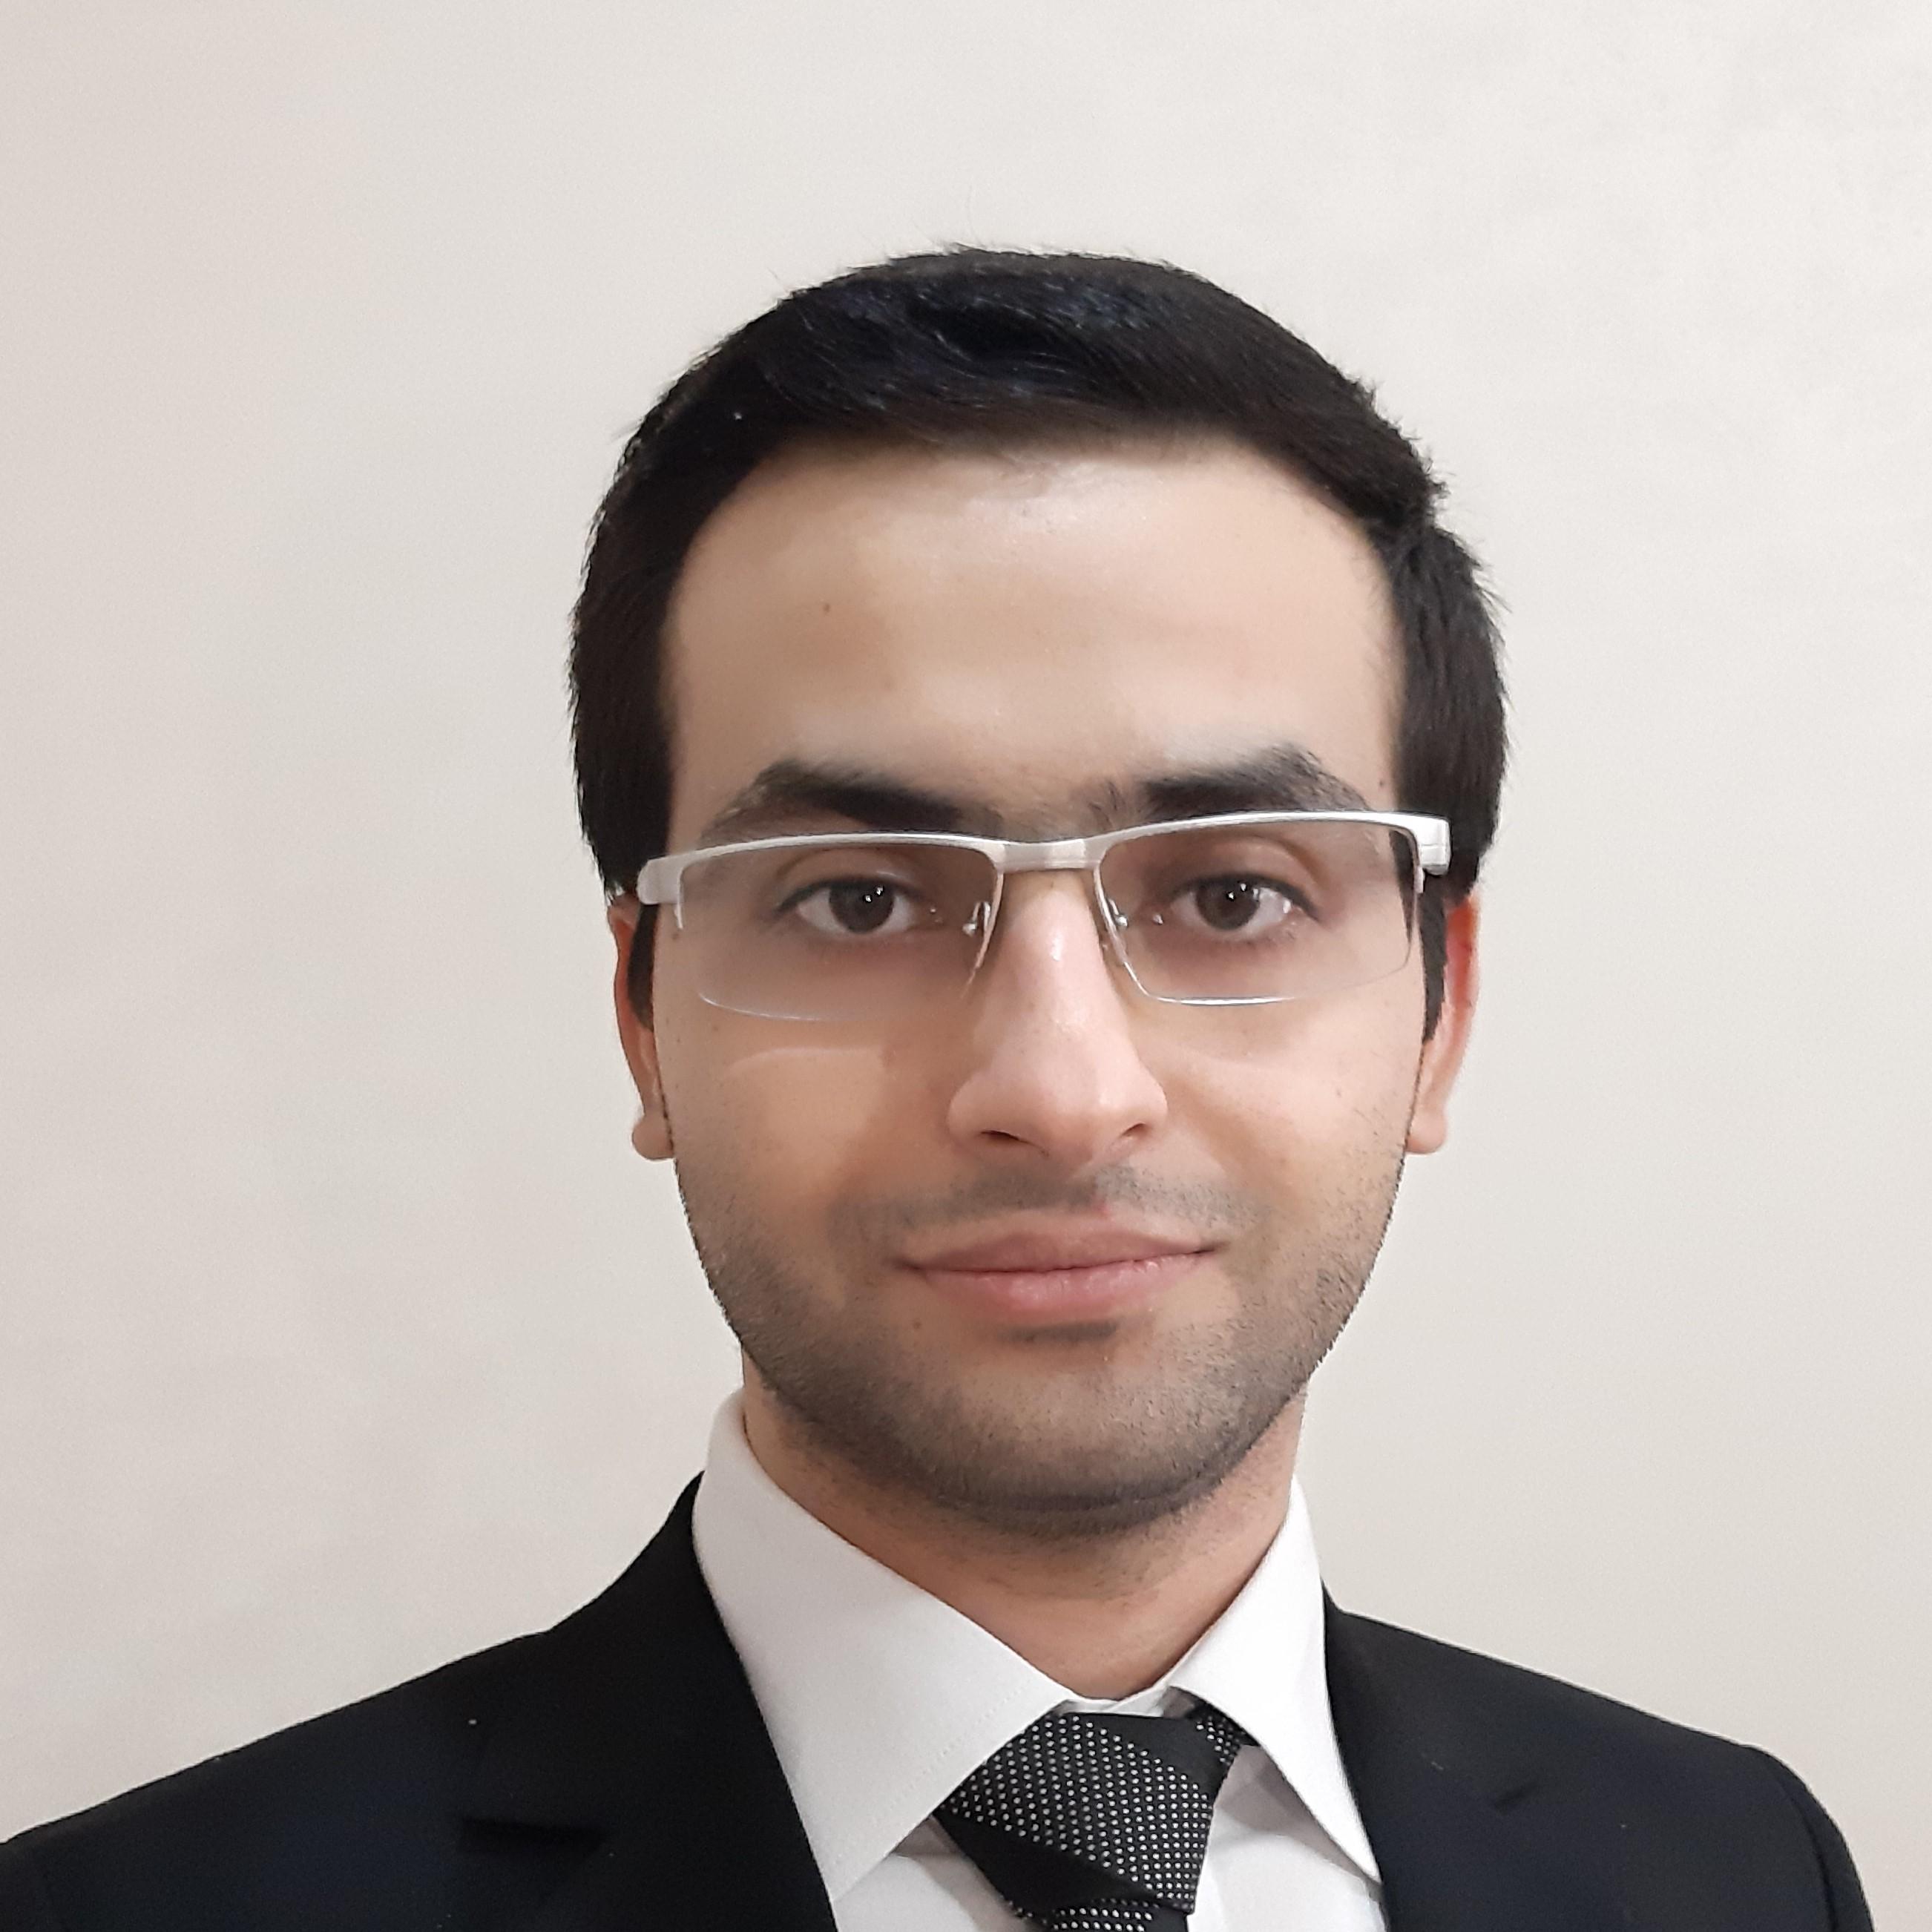 Mohammad Tishehzan